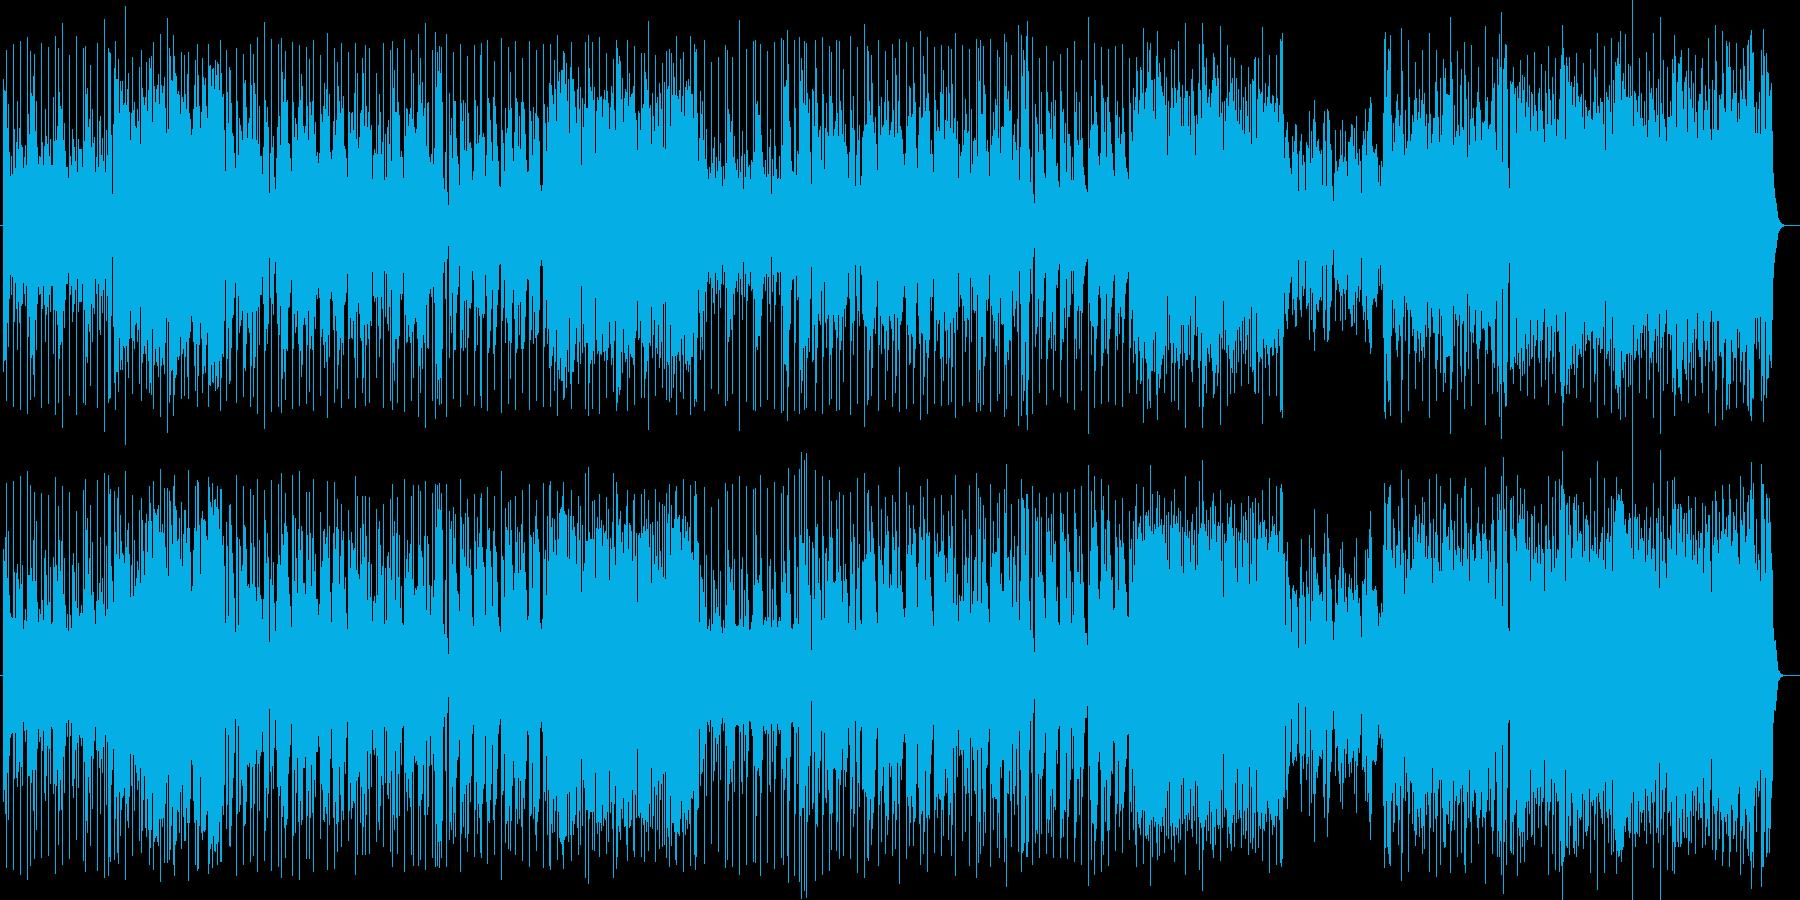 スタイリッシュなジャズロックの再生済みの波形